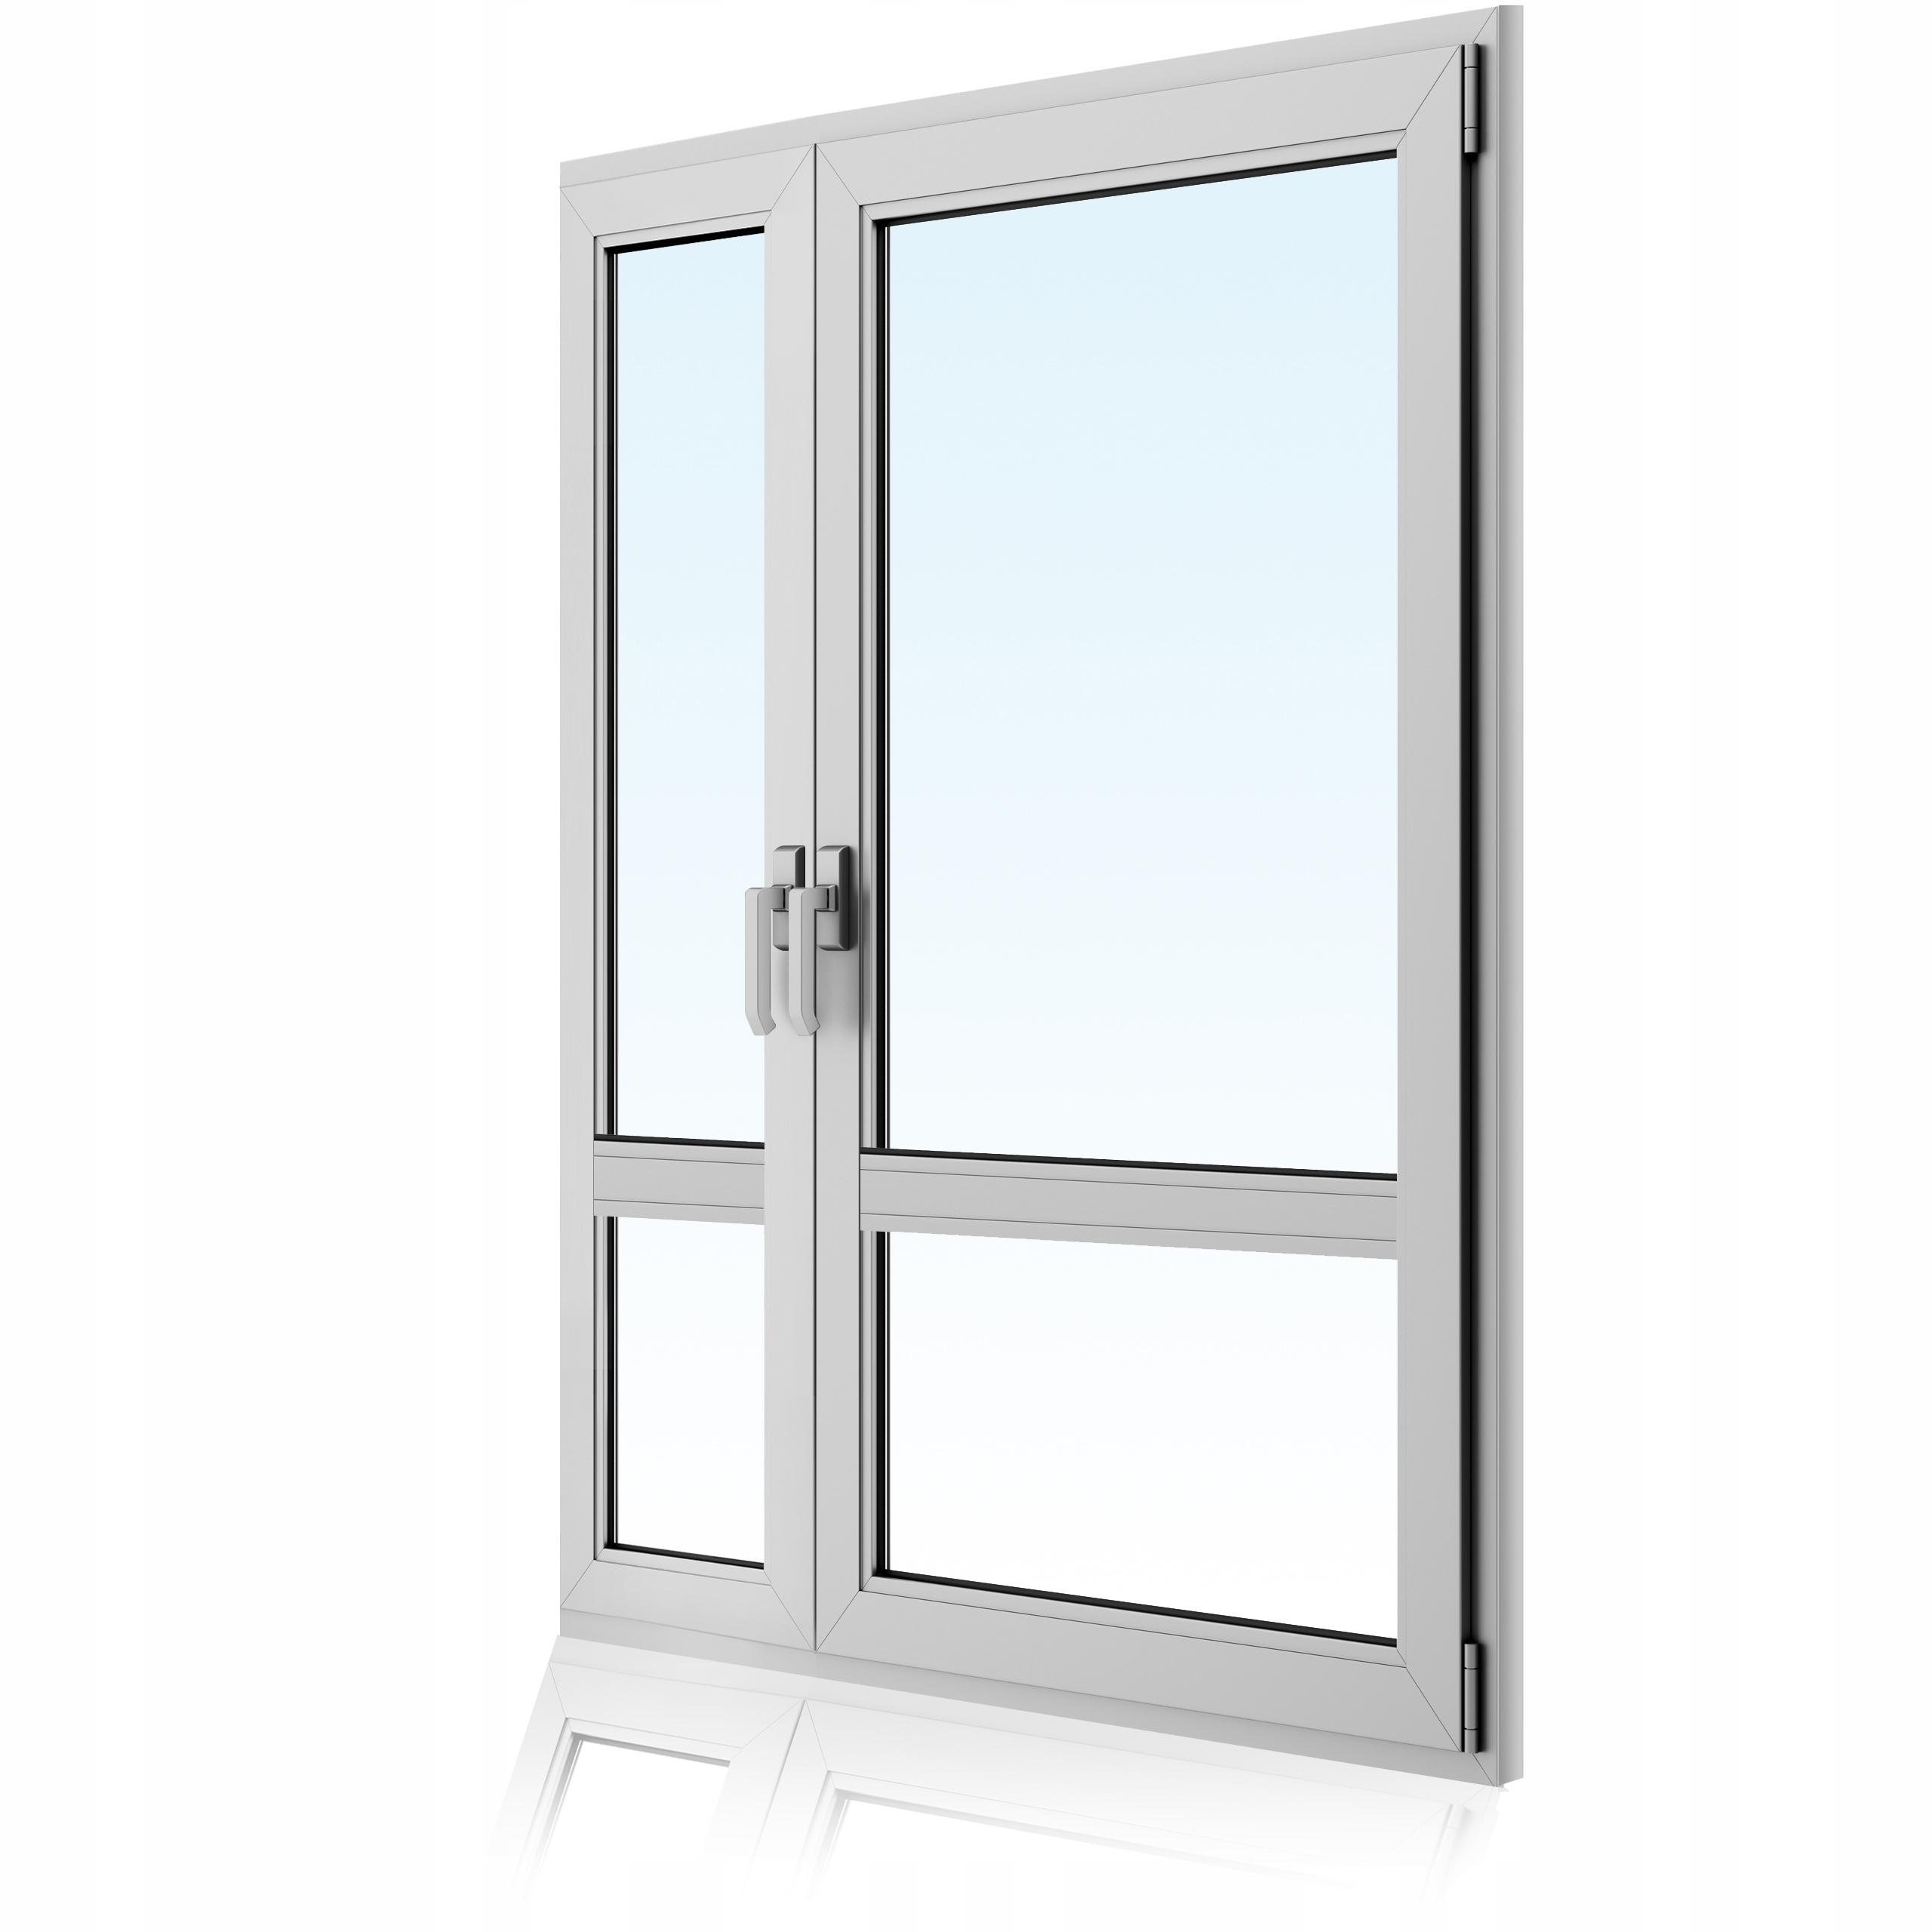 Drzwi Okno Tarasowe Dwuskrzydłowe Rozwierno Uchyln